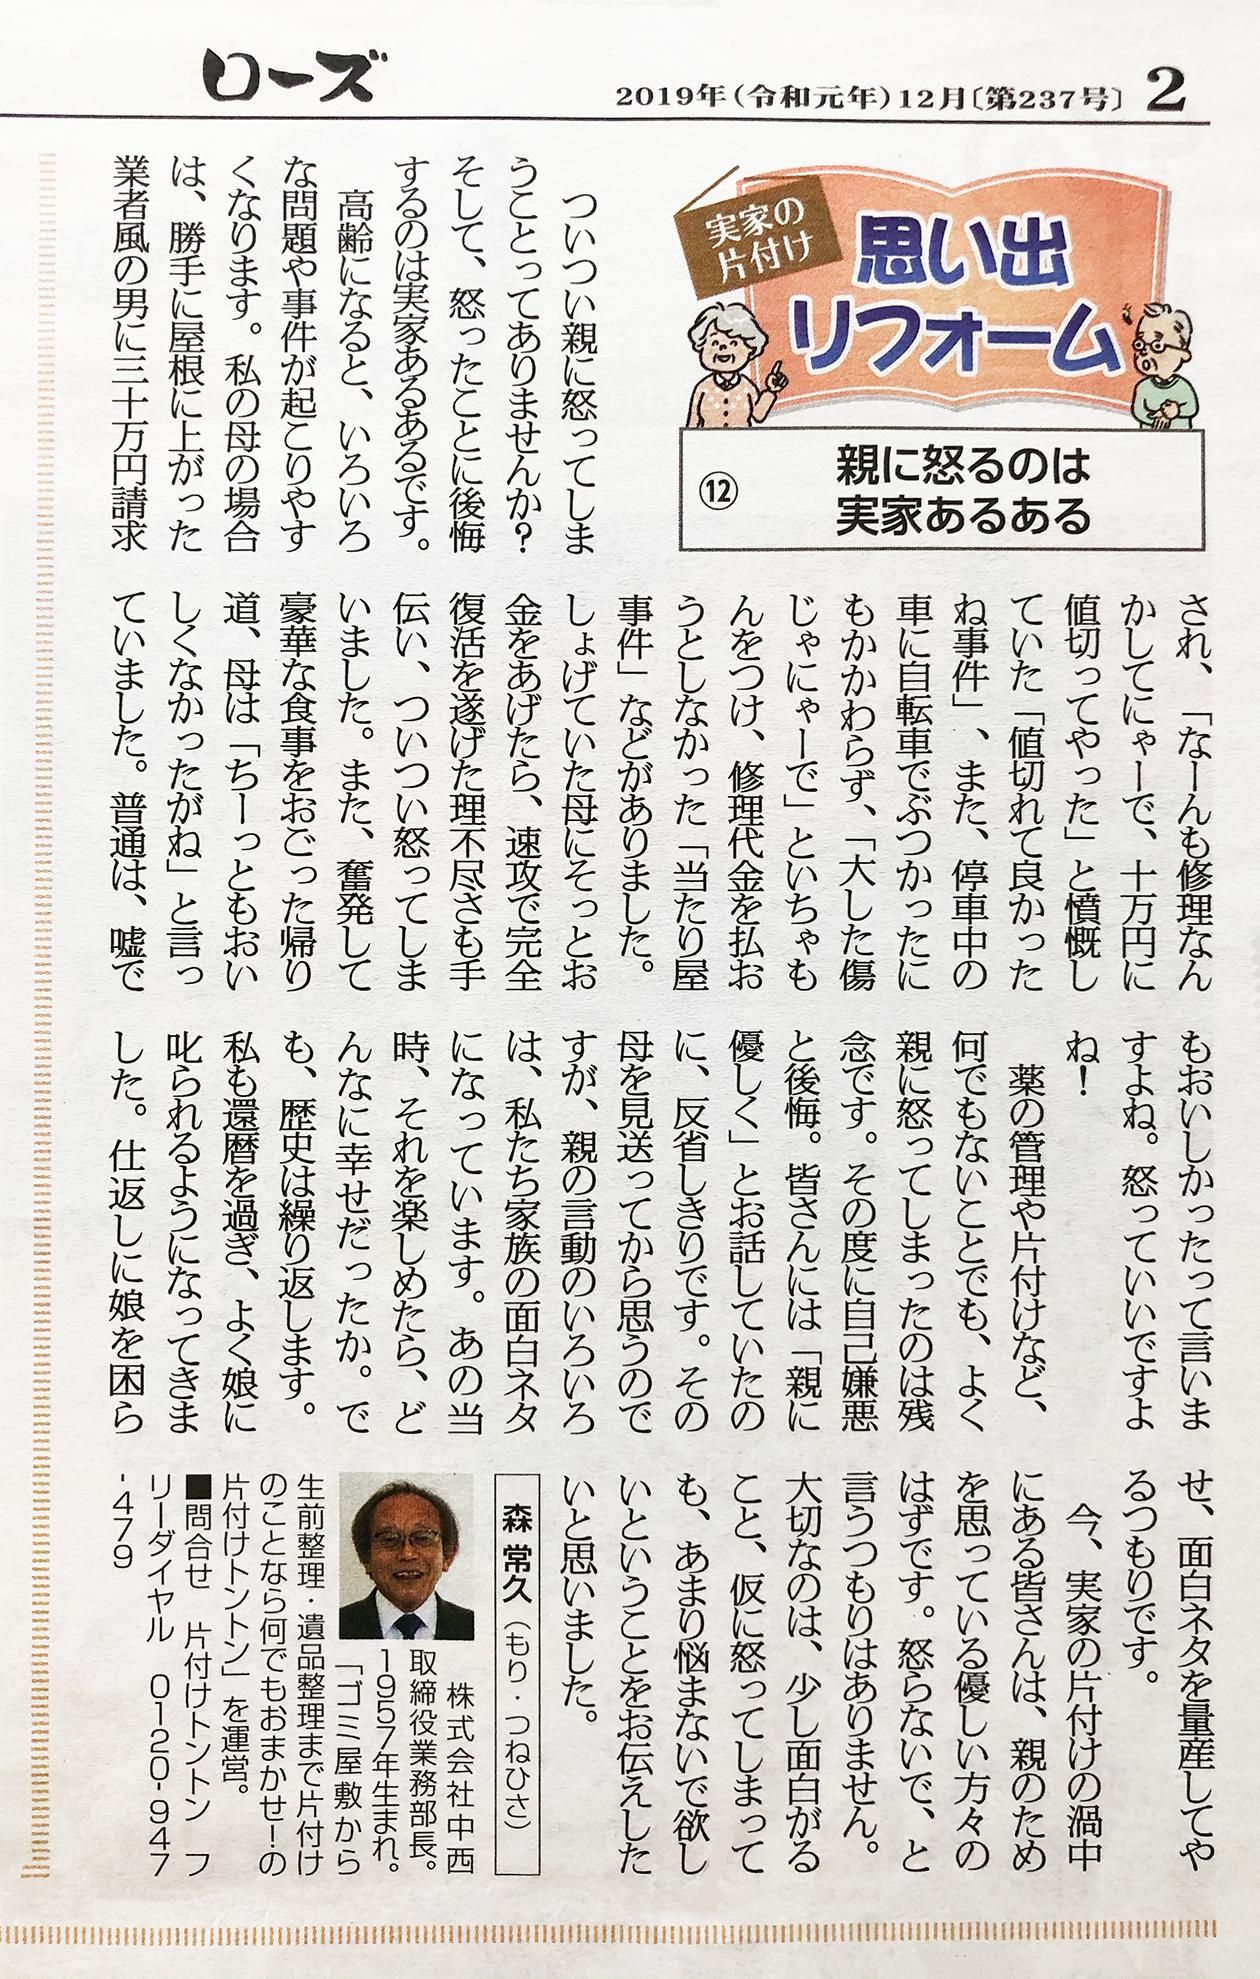 中日新聞朝刊折込 シニア情報紙『ローズ』2019年12月号の写真